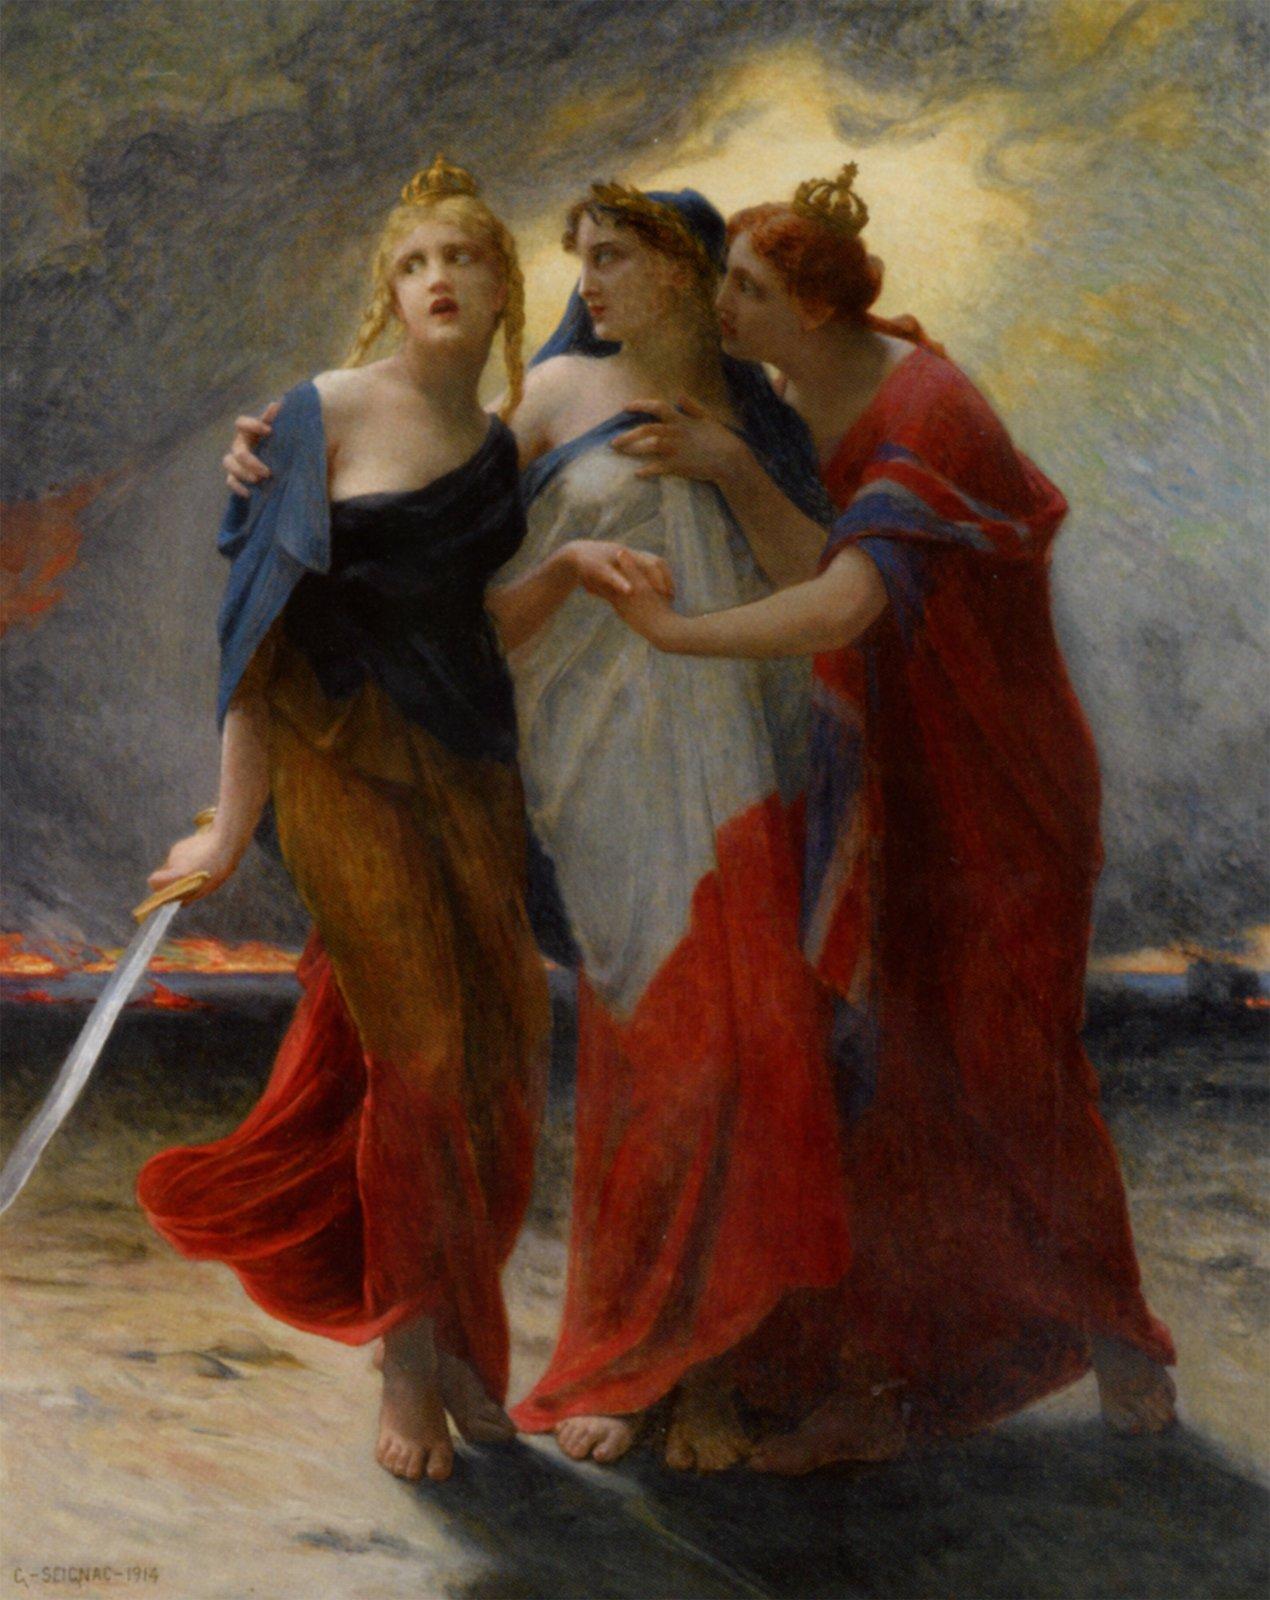 Trzy kobiety stoją obok siebie isię obejmują. Ta po lewej owinięta jest flagą Belgii czarno, żółto czerwoną, ma koronę na głowie itrzyma wręku miecz, ta po środku jest owinięta we flagę Francji, niebiesko, biało czerwoną, ata po prawej we flagę brytyjską ima na głowie koronę.